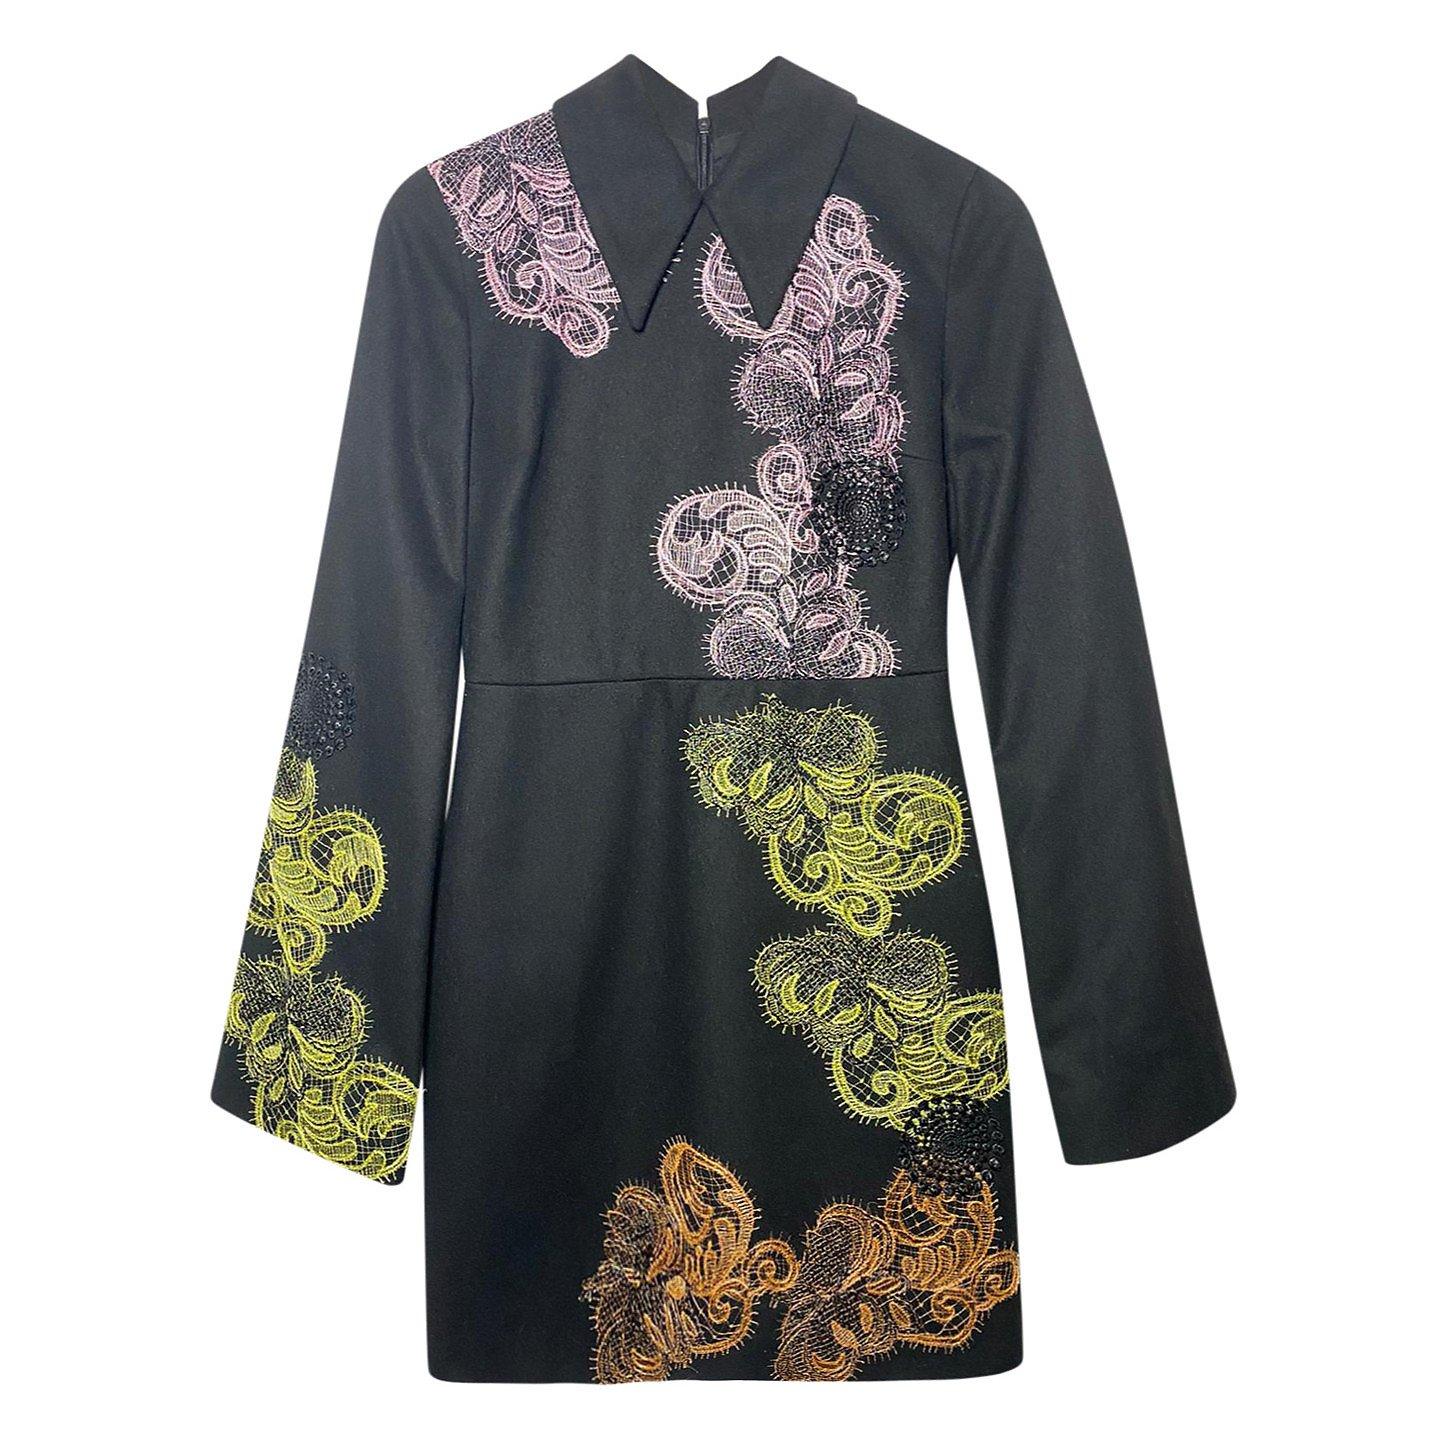 MSGM Multicolour Lace Appliqué Dress